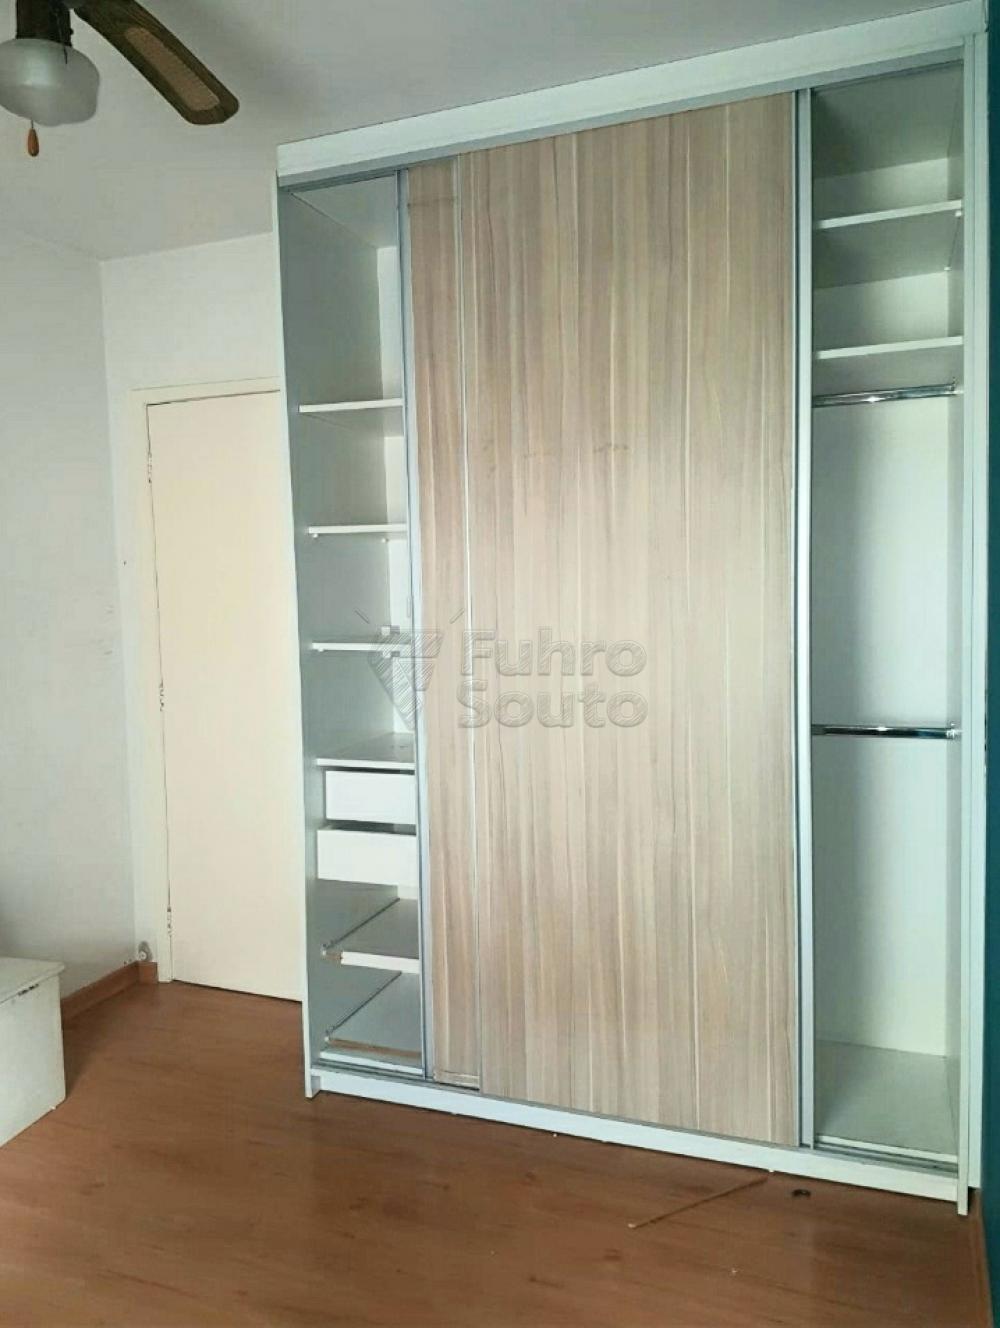 Comprar Apartamento / Padrão em Pelotas R$ 320.000,00 - Foto 8